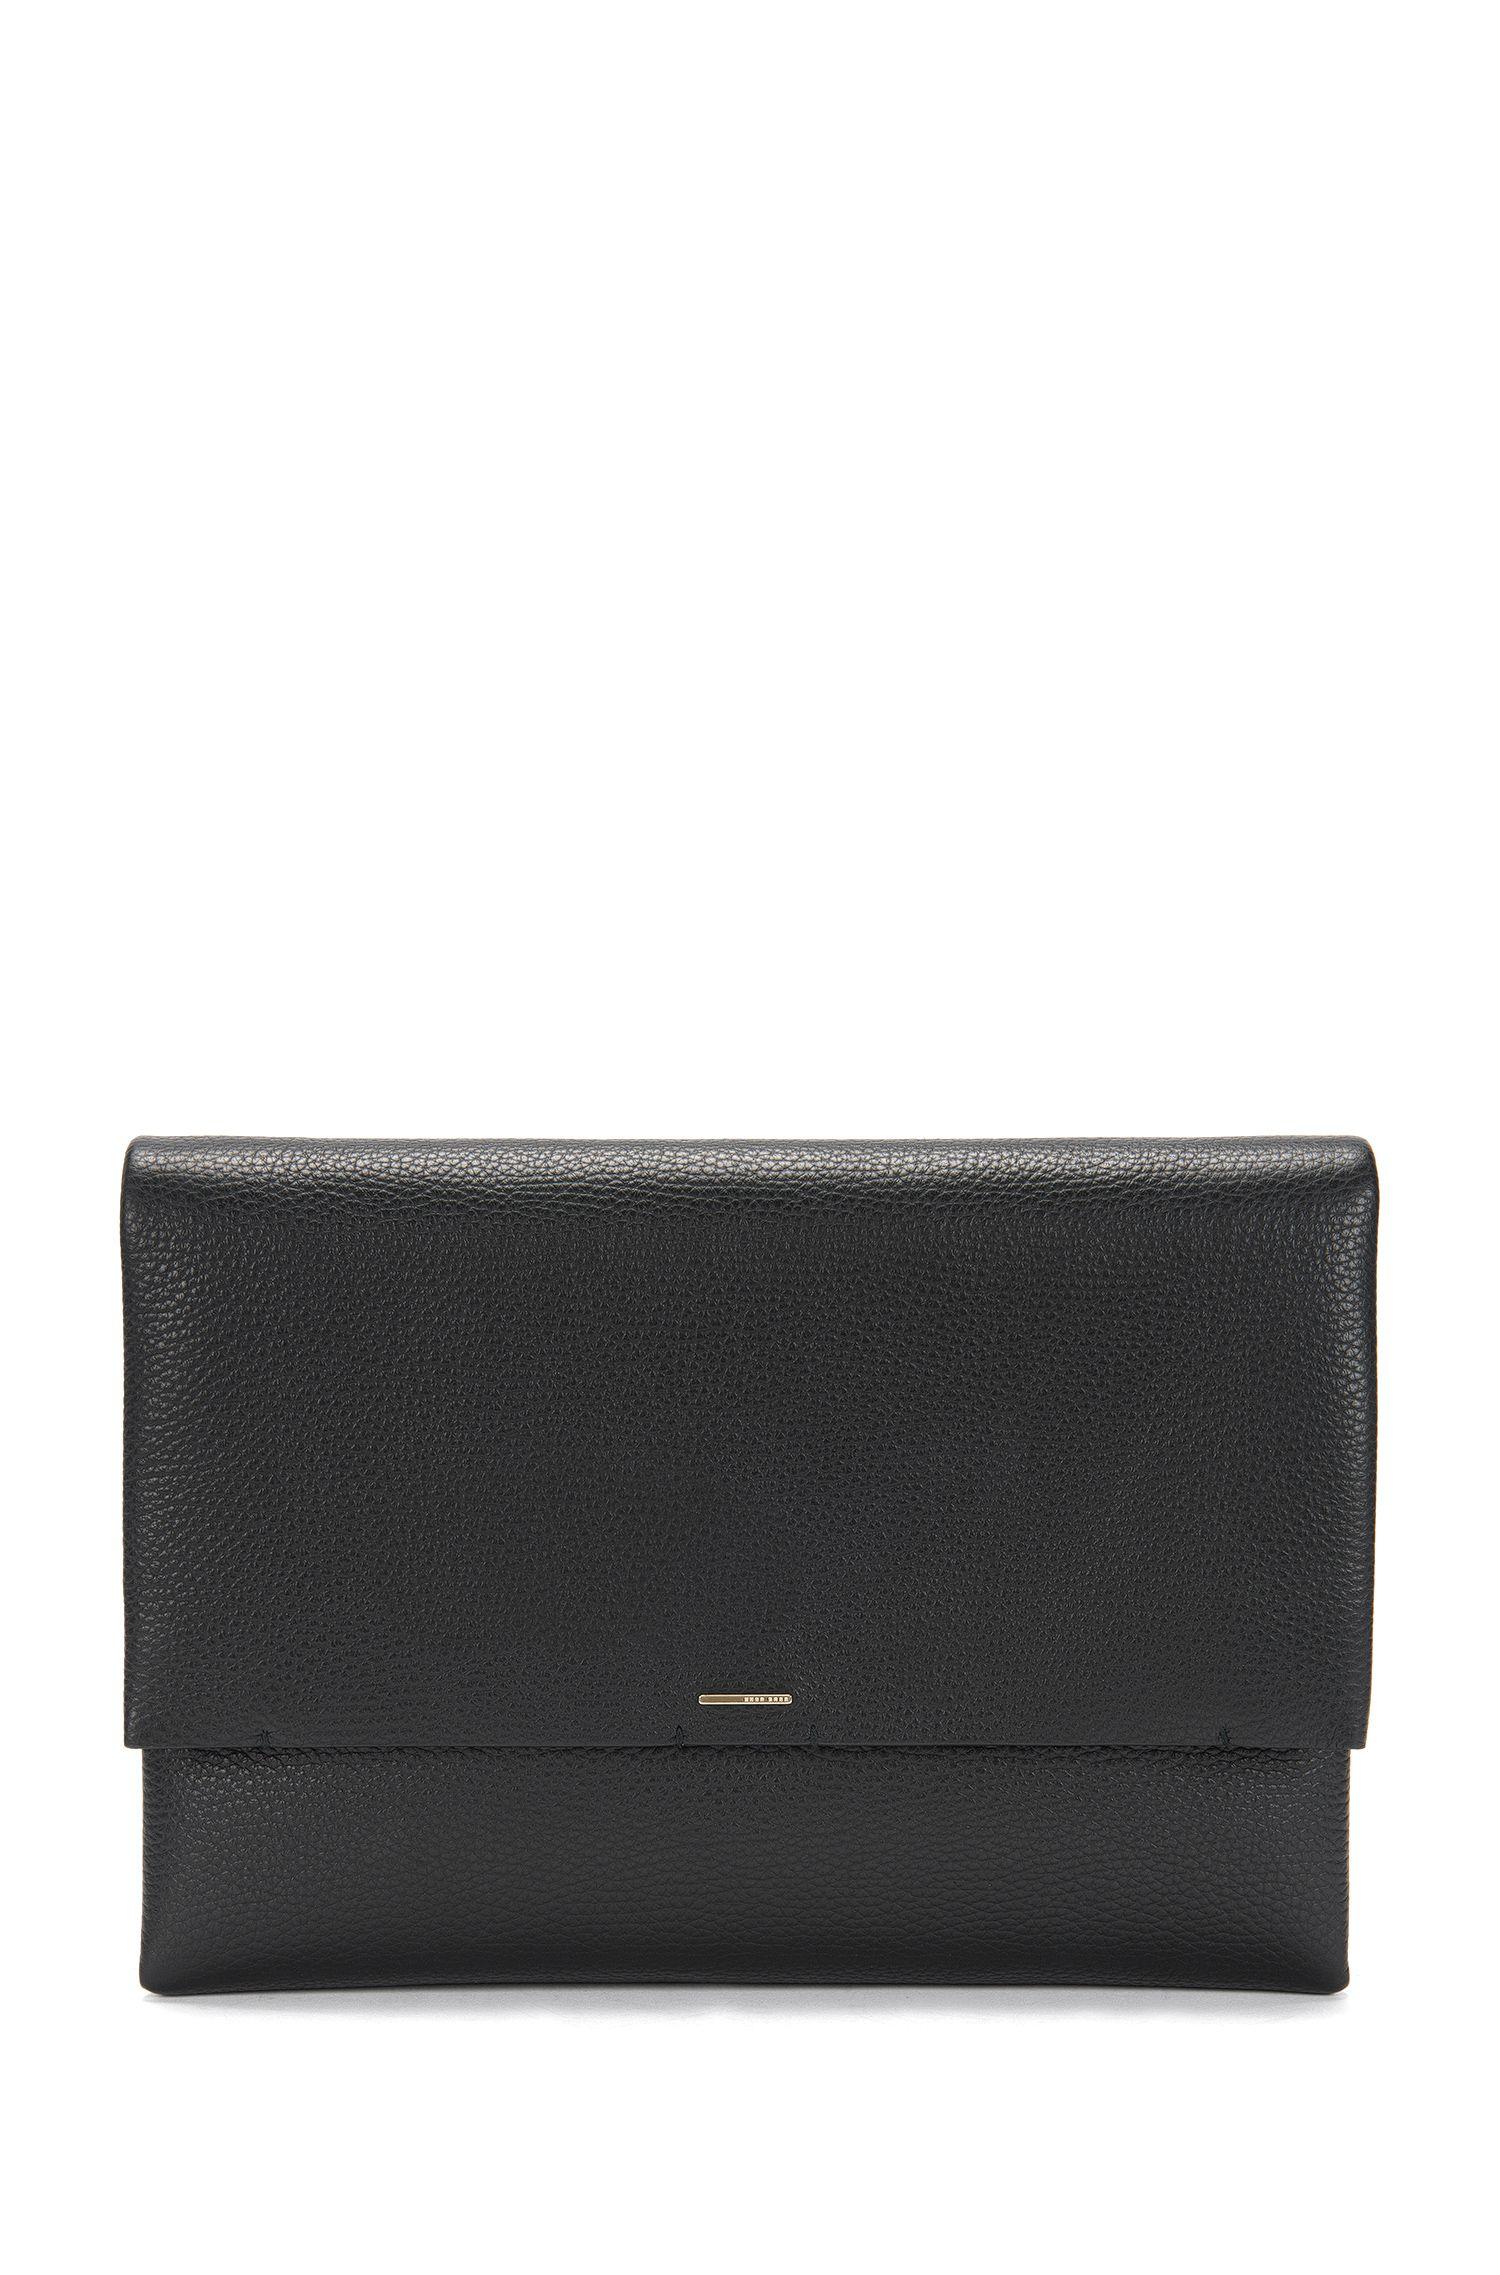 Pochette BOSS Luxury Staple en cuir italien non doublé avec bandoulière à maillons